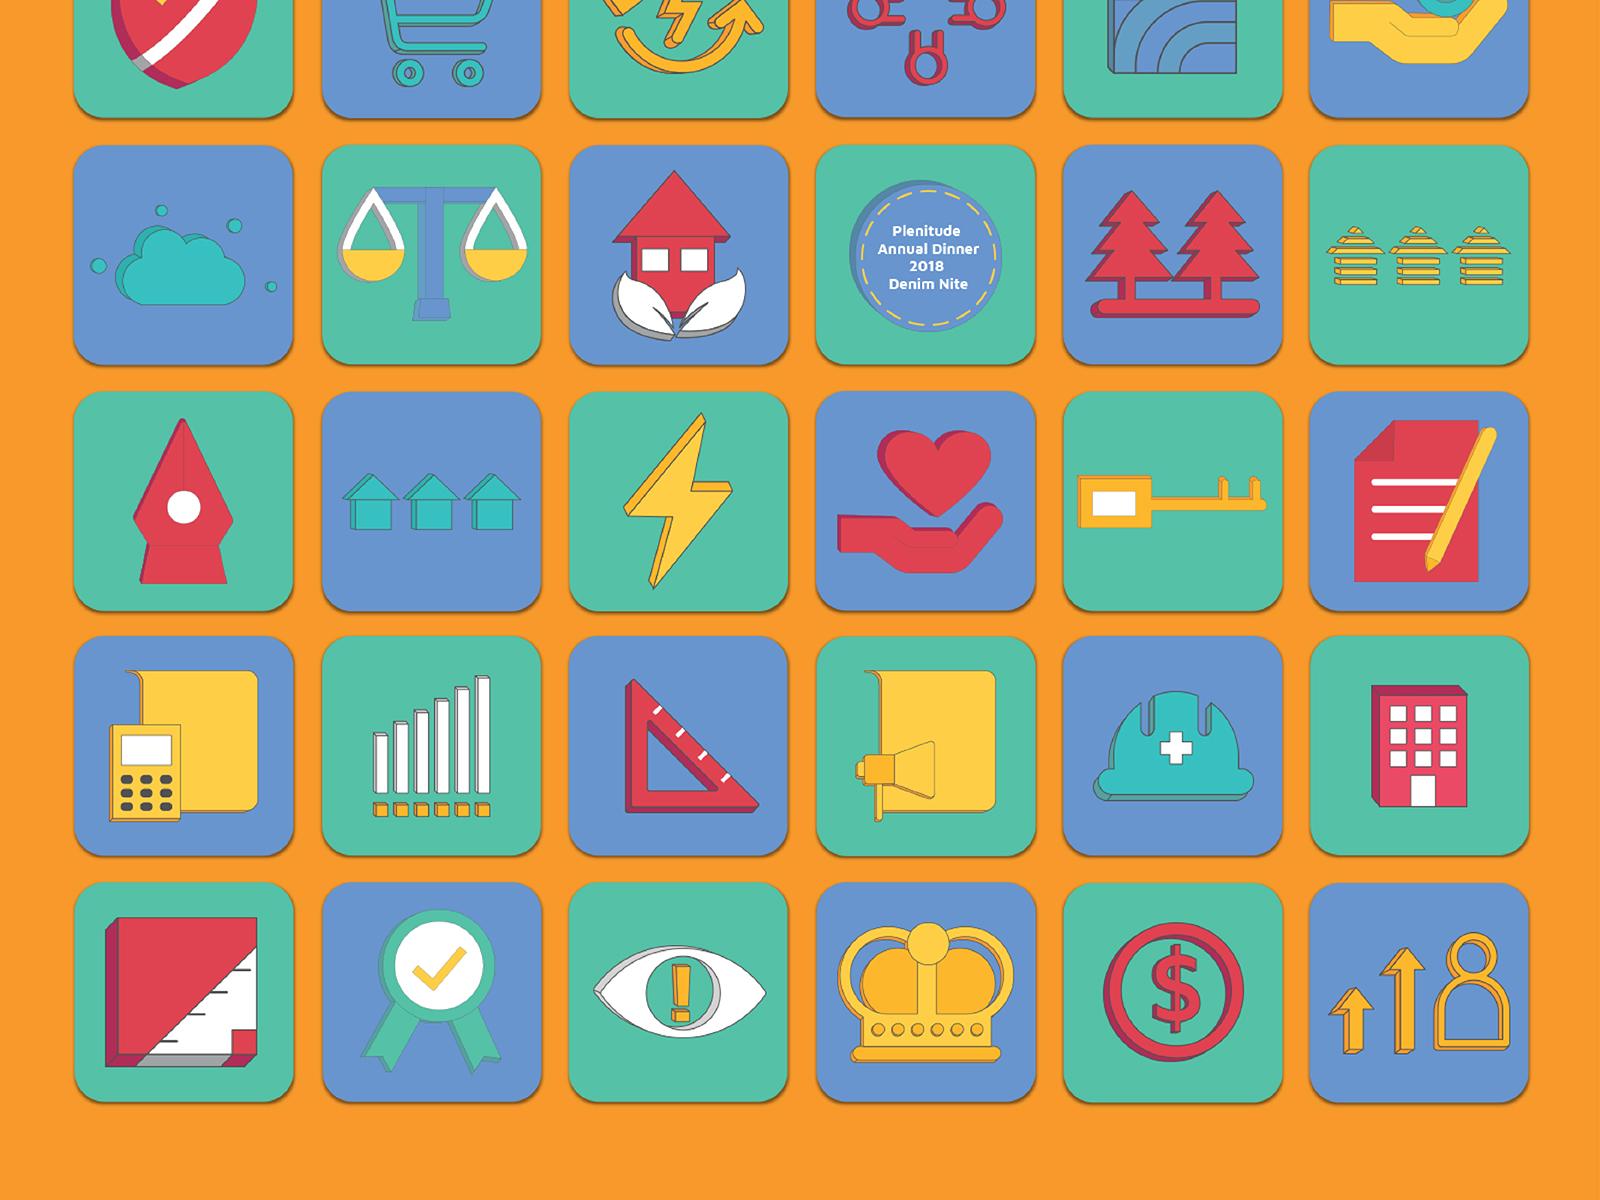 Plenitude annual report 2019 icon designs